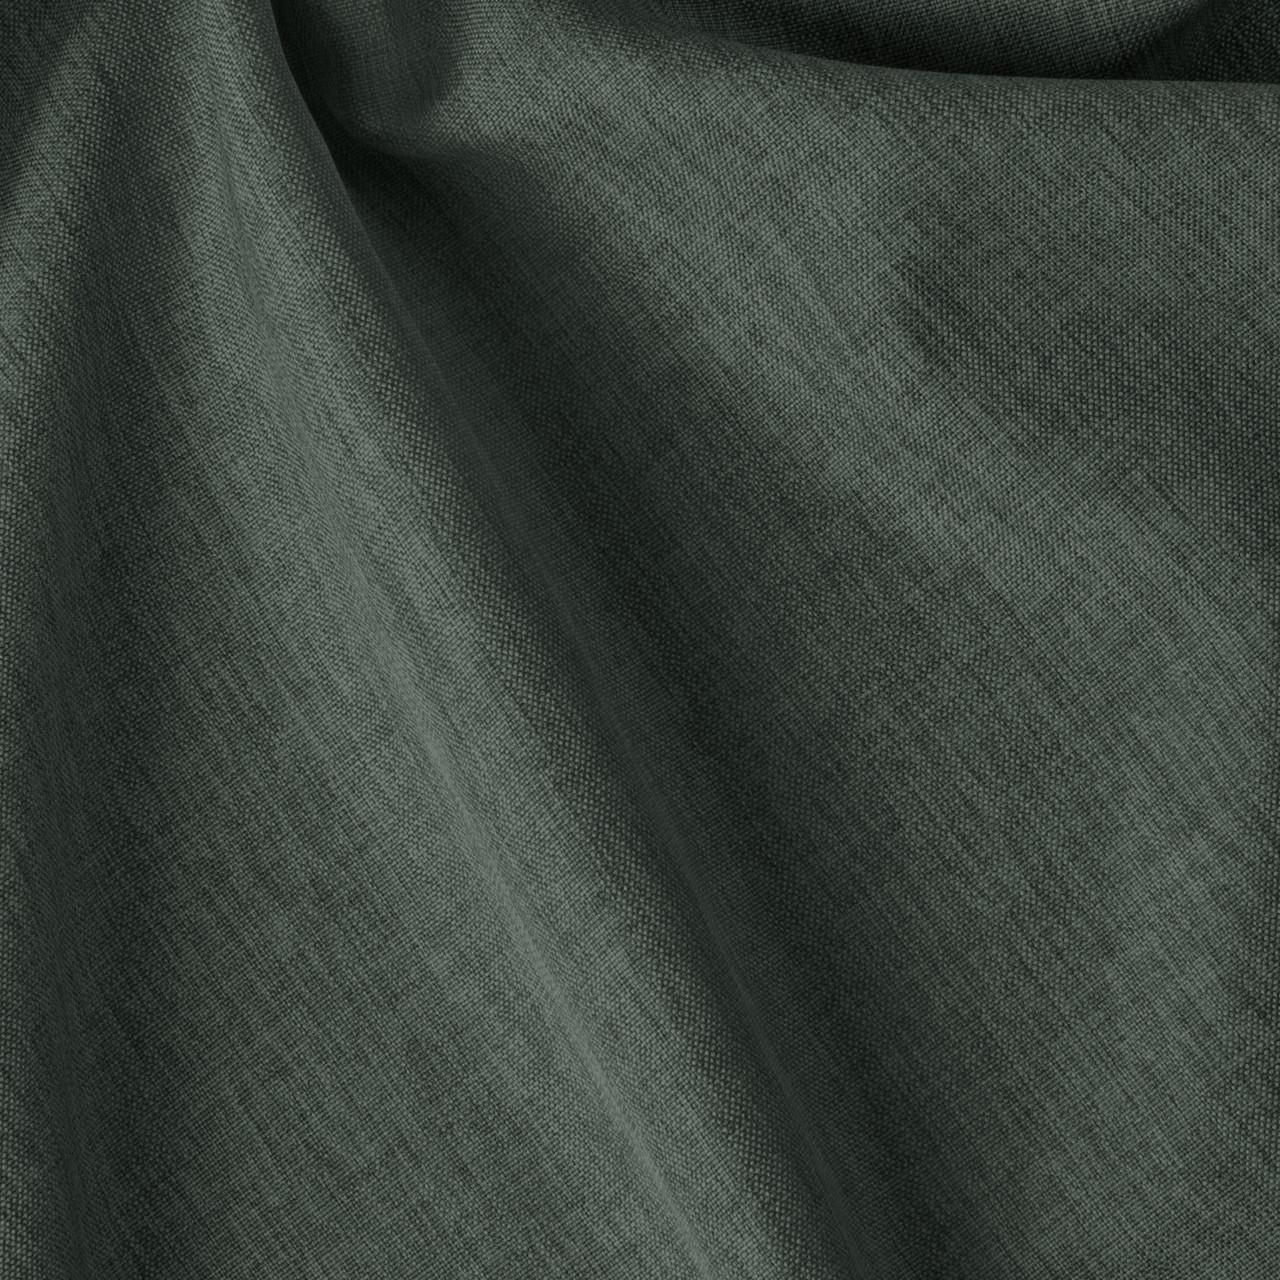 Декоративна однотонна тканина сірого кольору Туреччина 84478v33